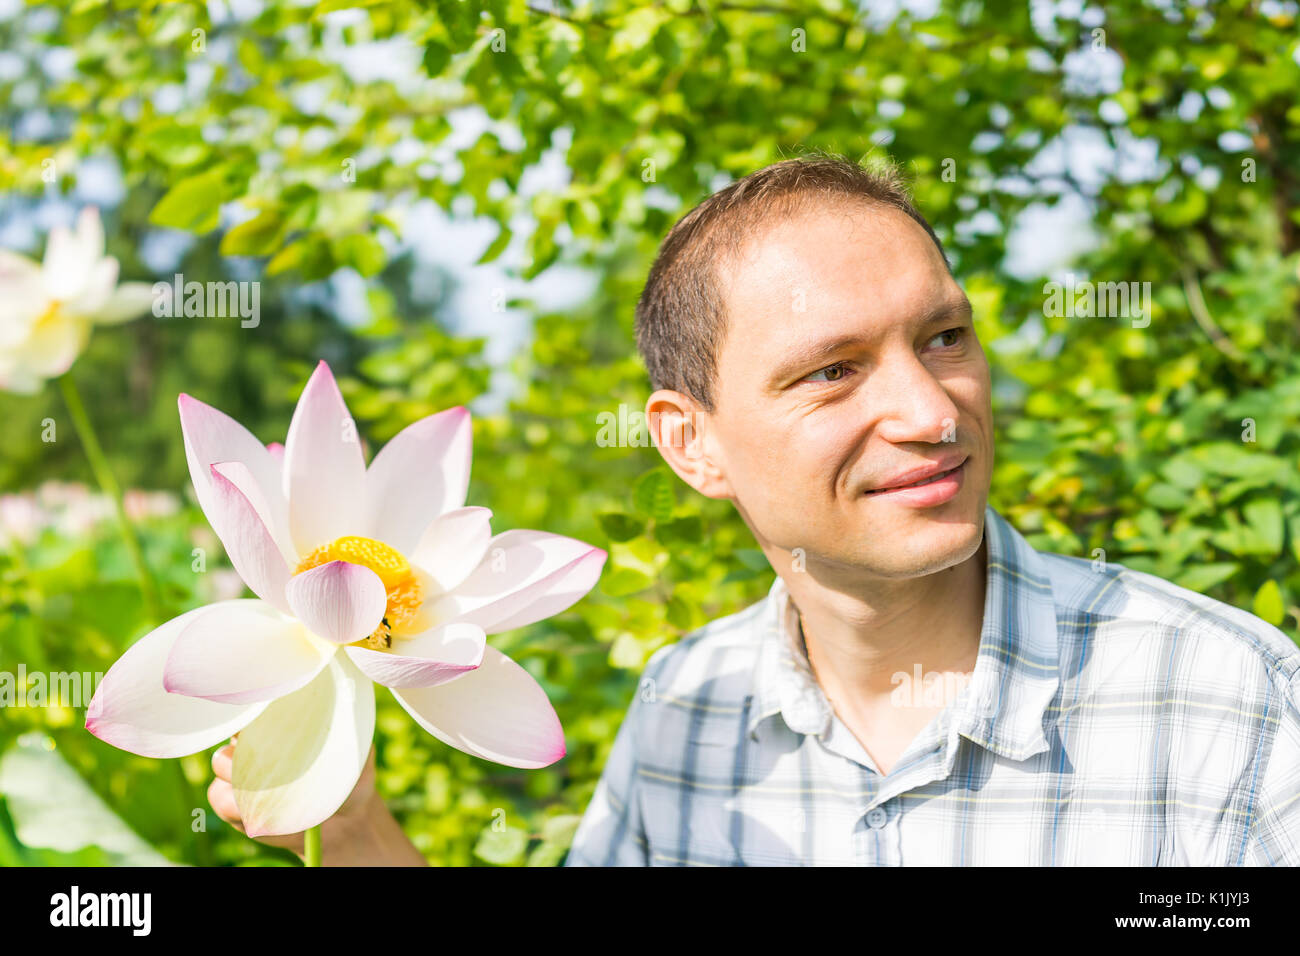 Portrait Nahaufnahme der junge Mann lächelnd Holding hellem Weiß und Pink Lotus Blume mit gelben seedpod Innen Stockbild